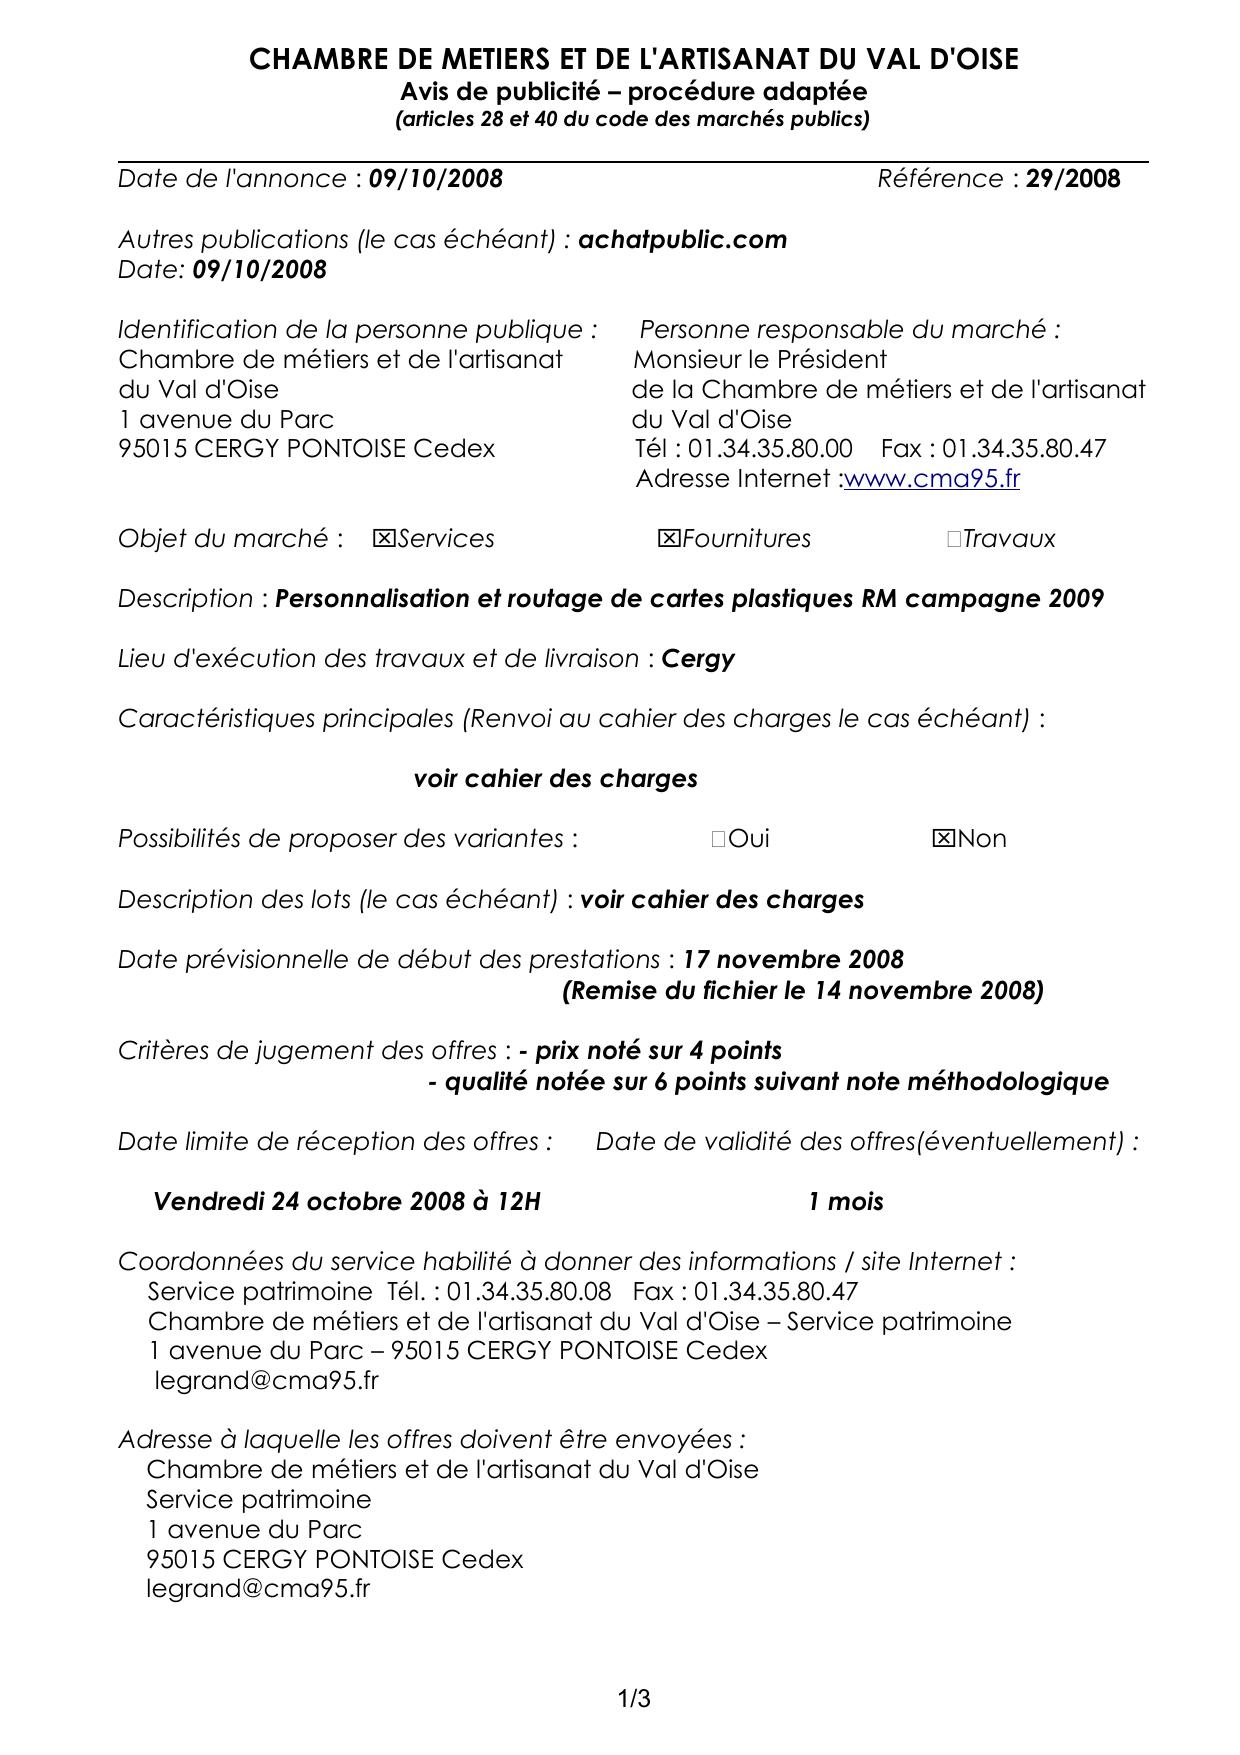 Avis De Publicité Et Cahier Des Charges dedans Chambre Des Metiers Cergy